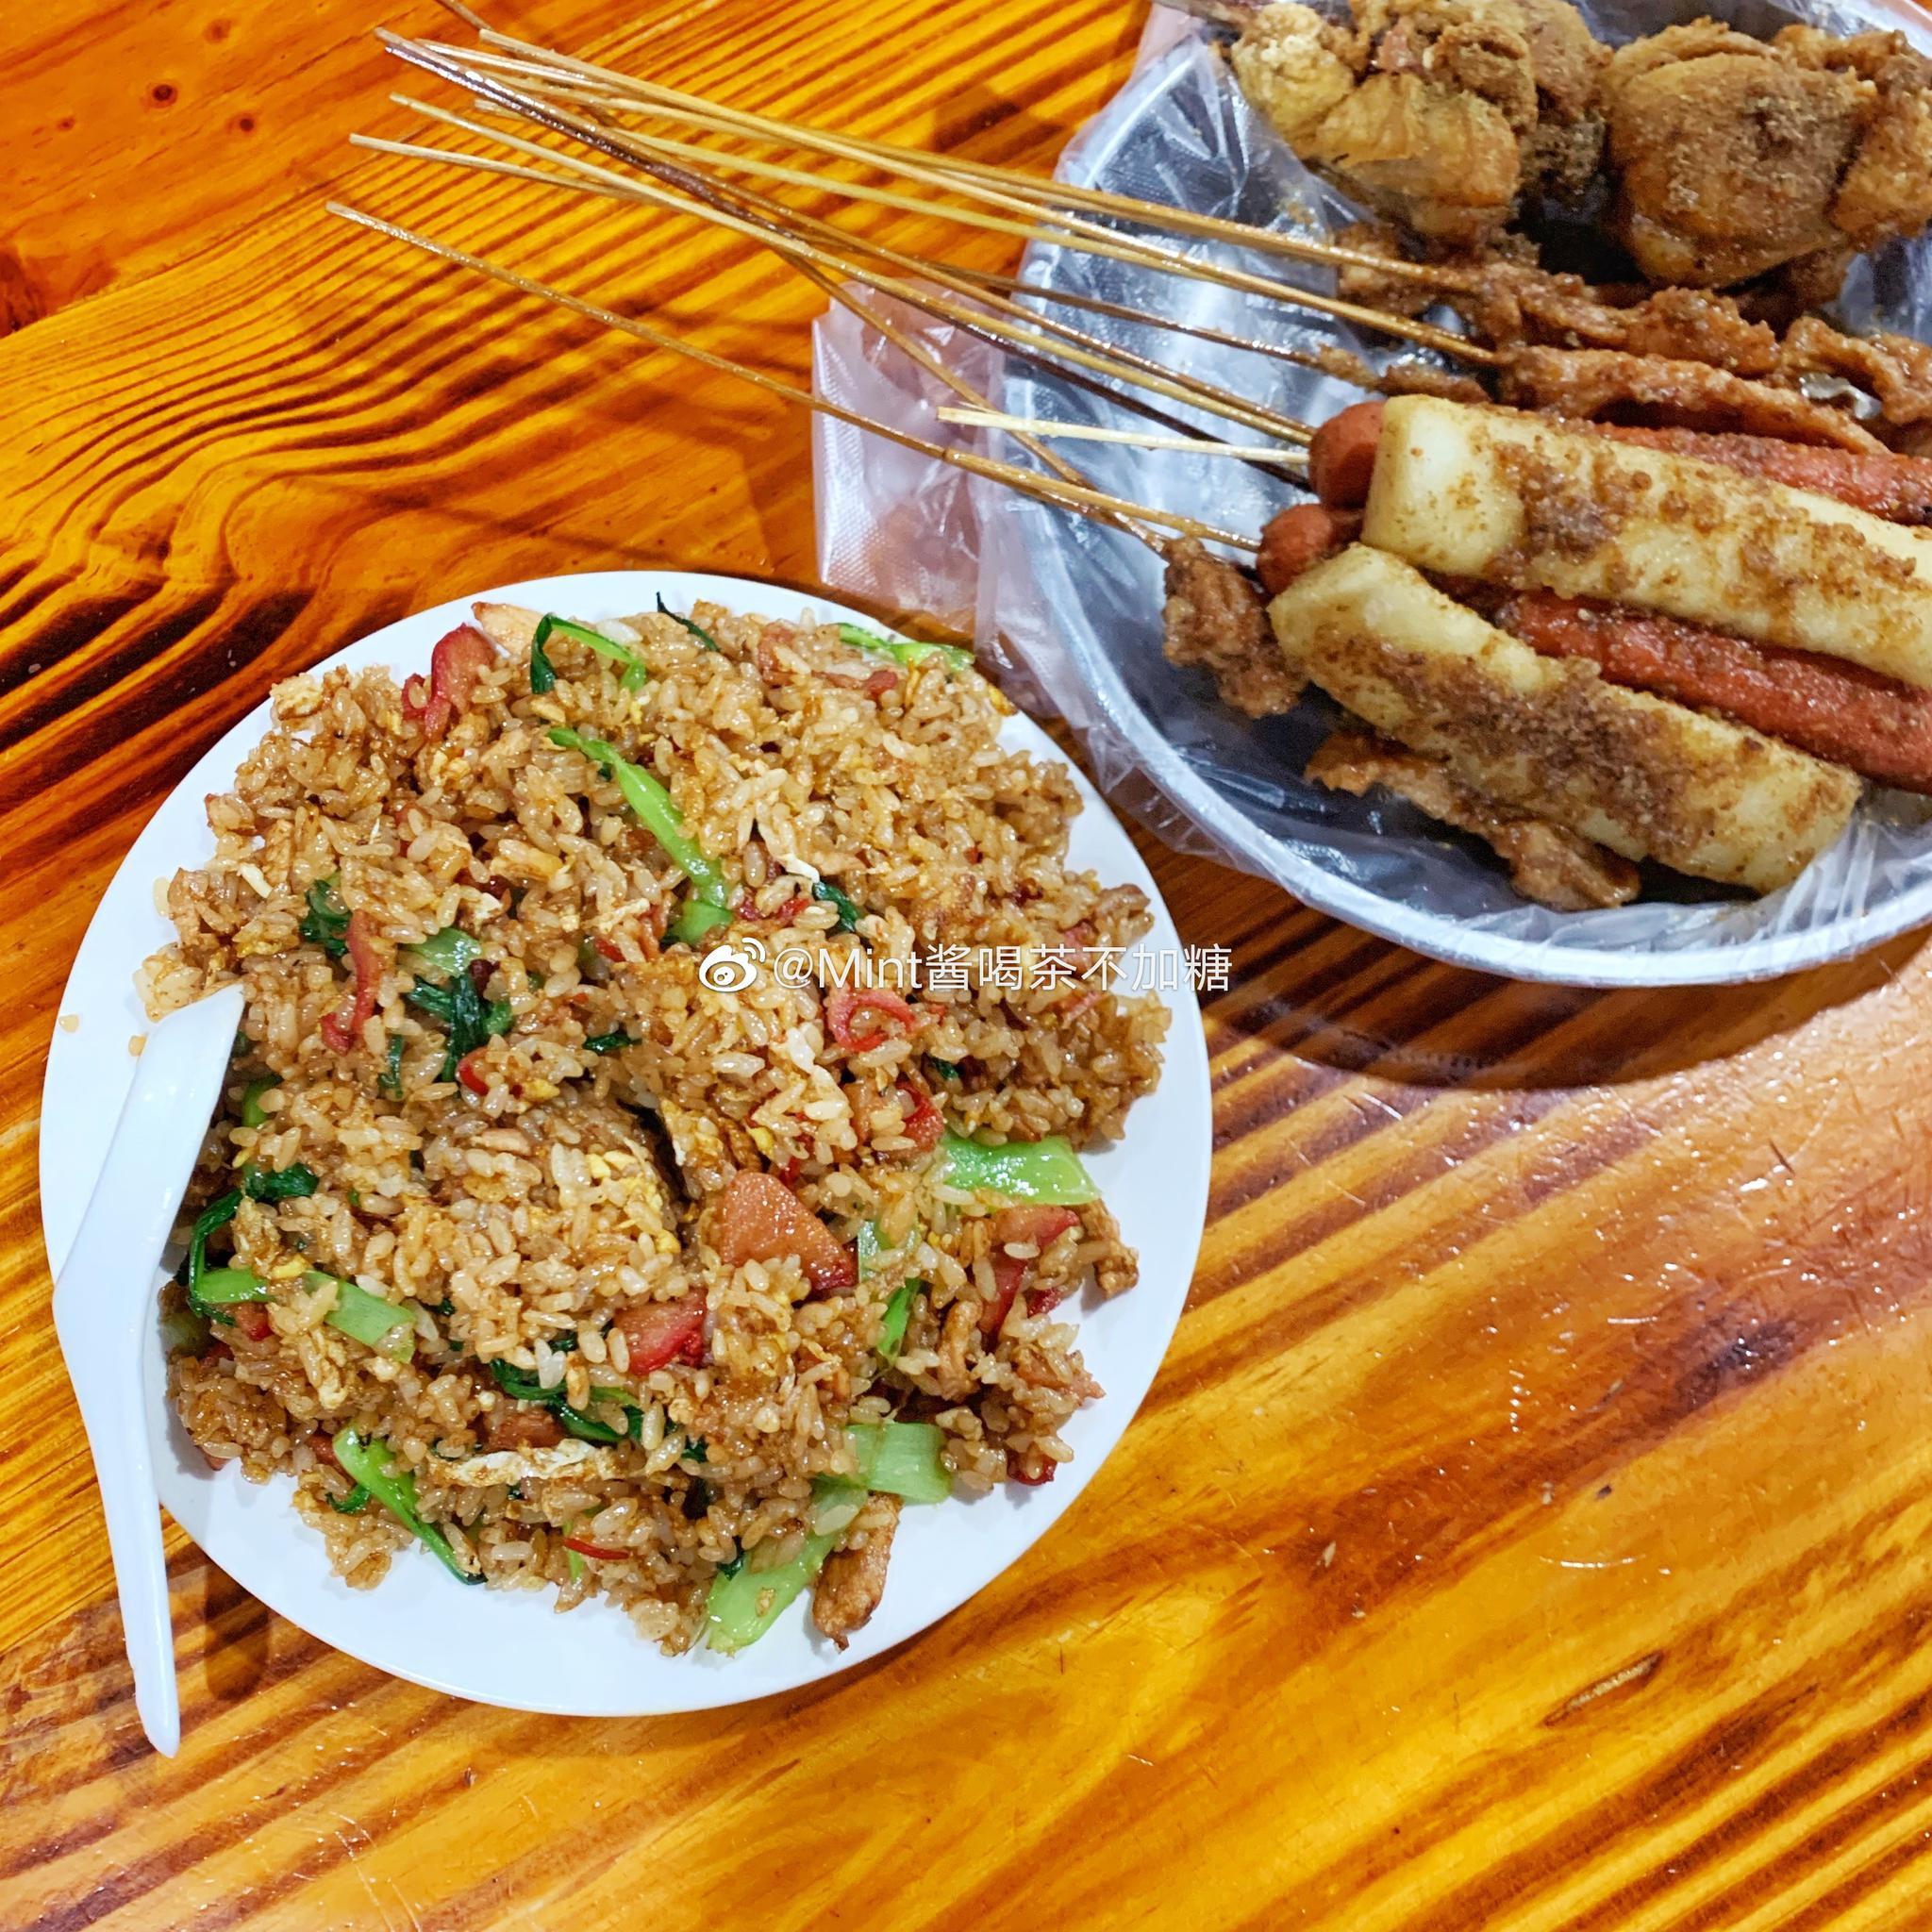 泰兴的老字号夜宵店各种炸物和蛋炒饭都太好吃了!